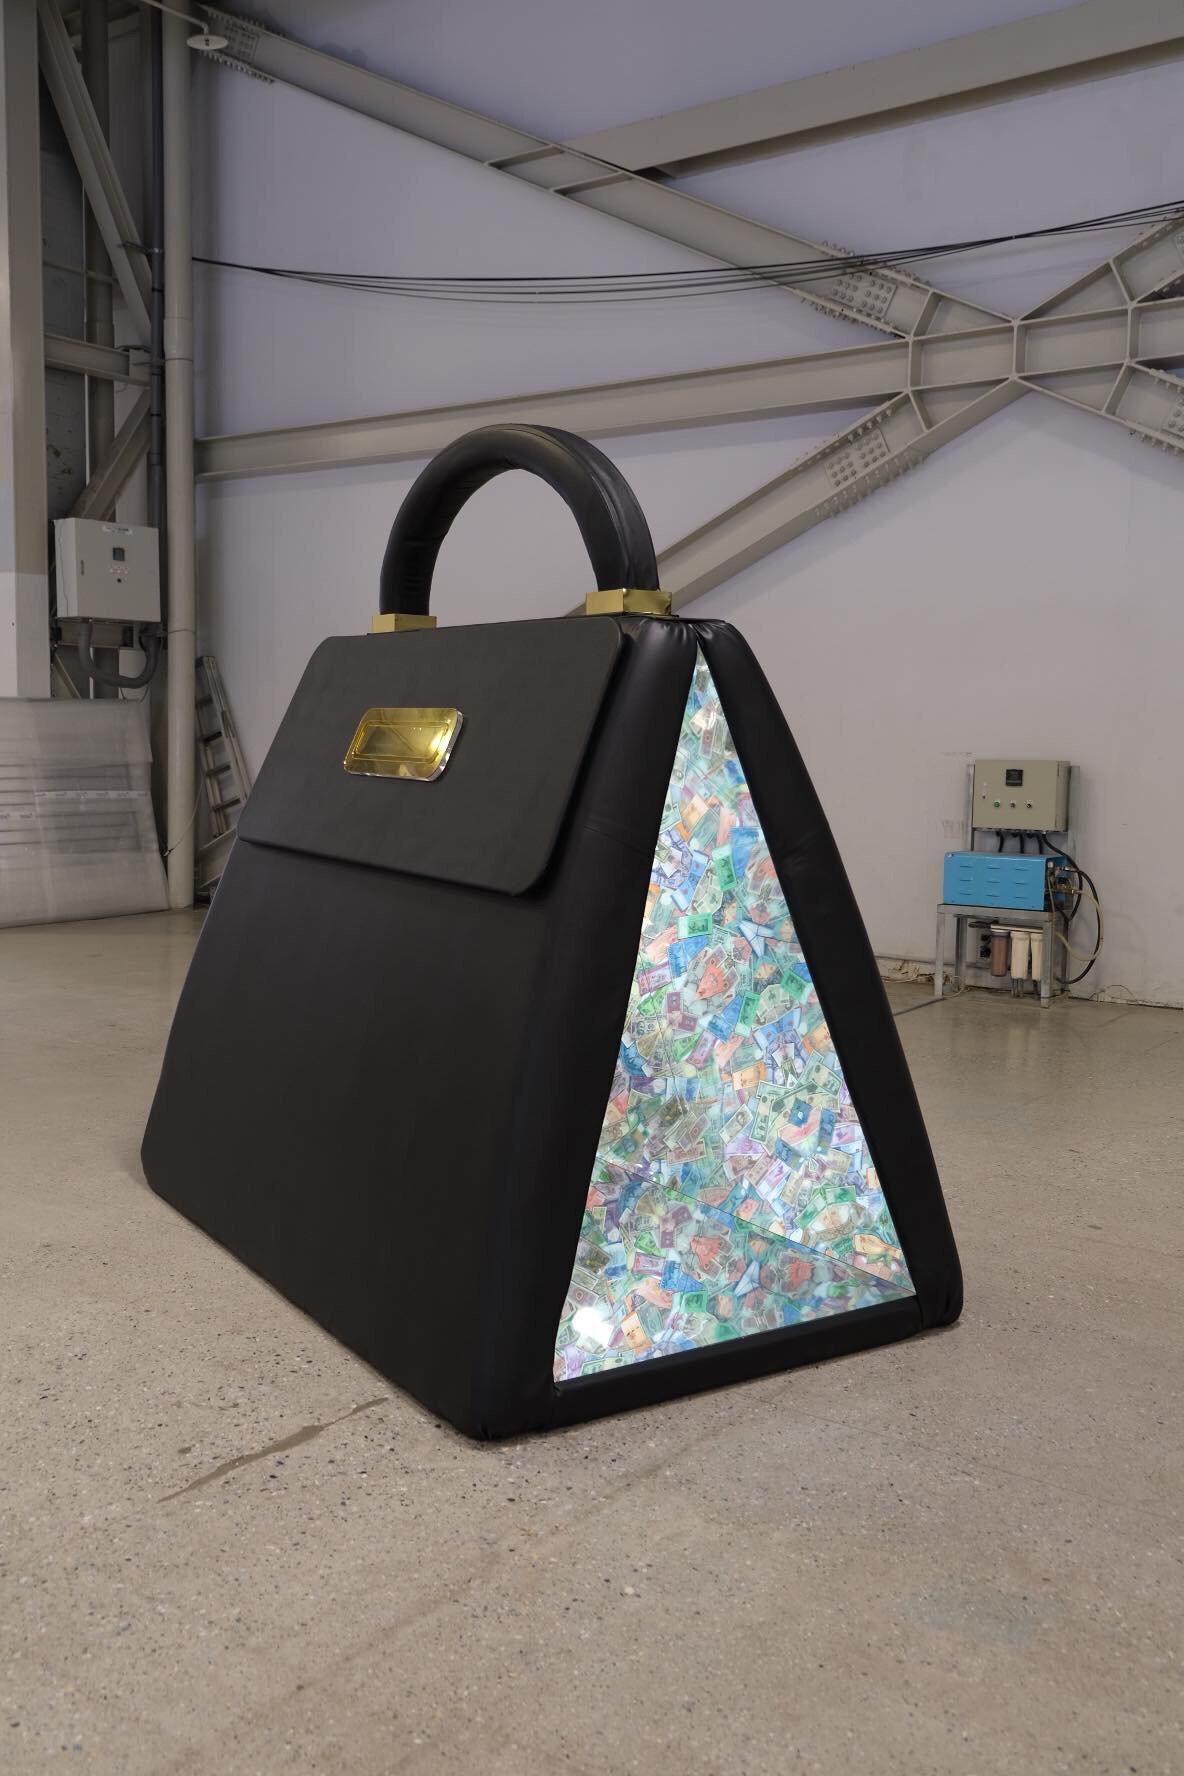 《多元祈禱室》人造皮革、鏡、紙鈔、音效、燈光 圖/ 藝術家 張景祥 Sean CHANG 提供